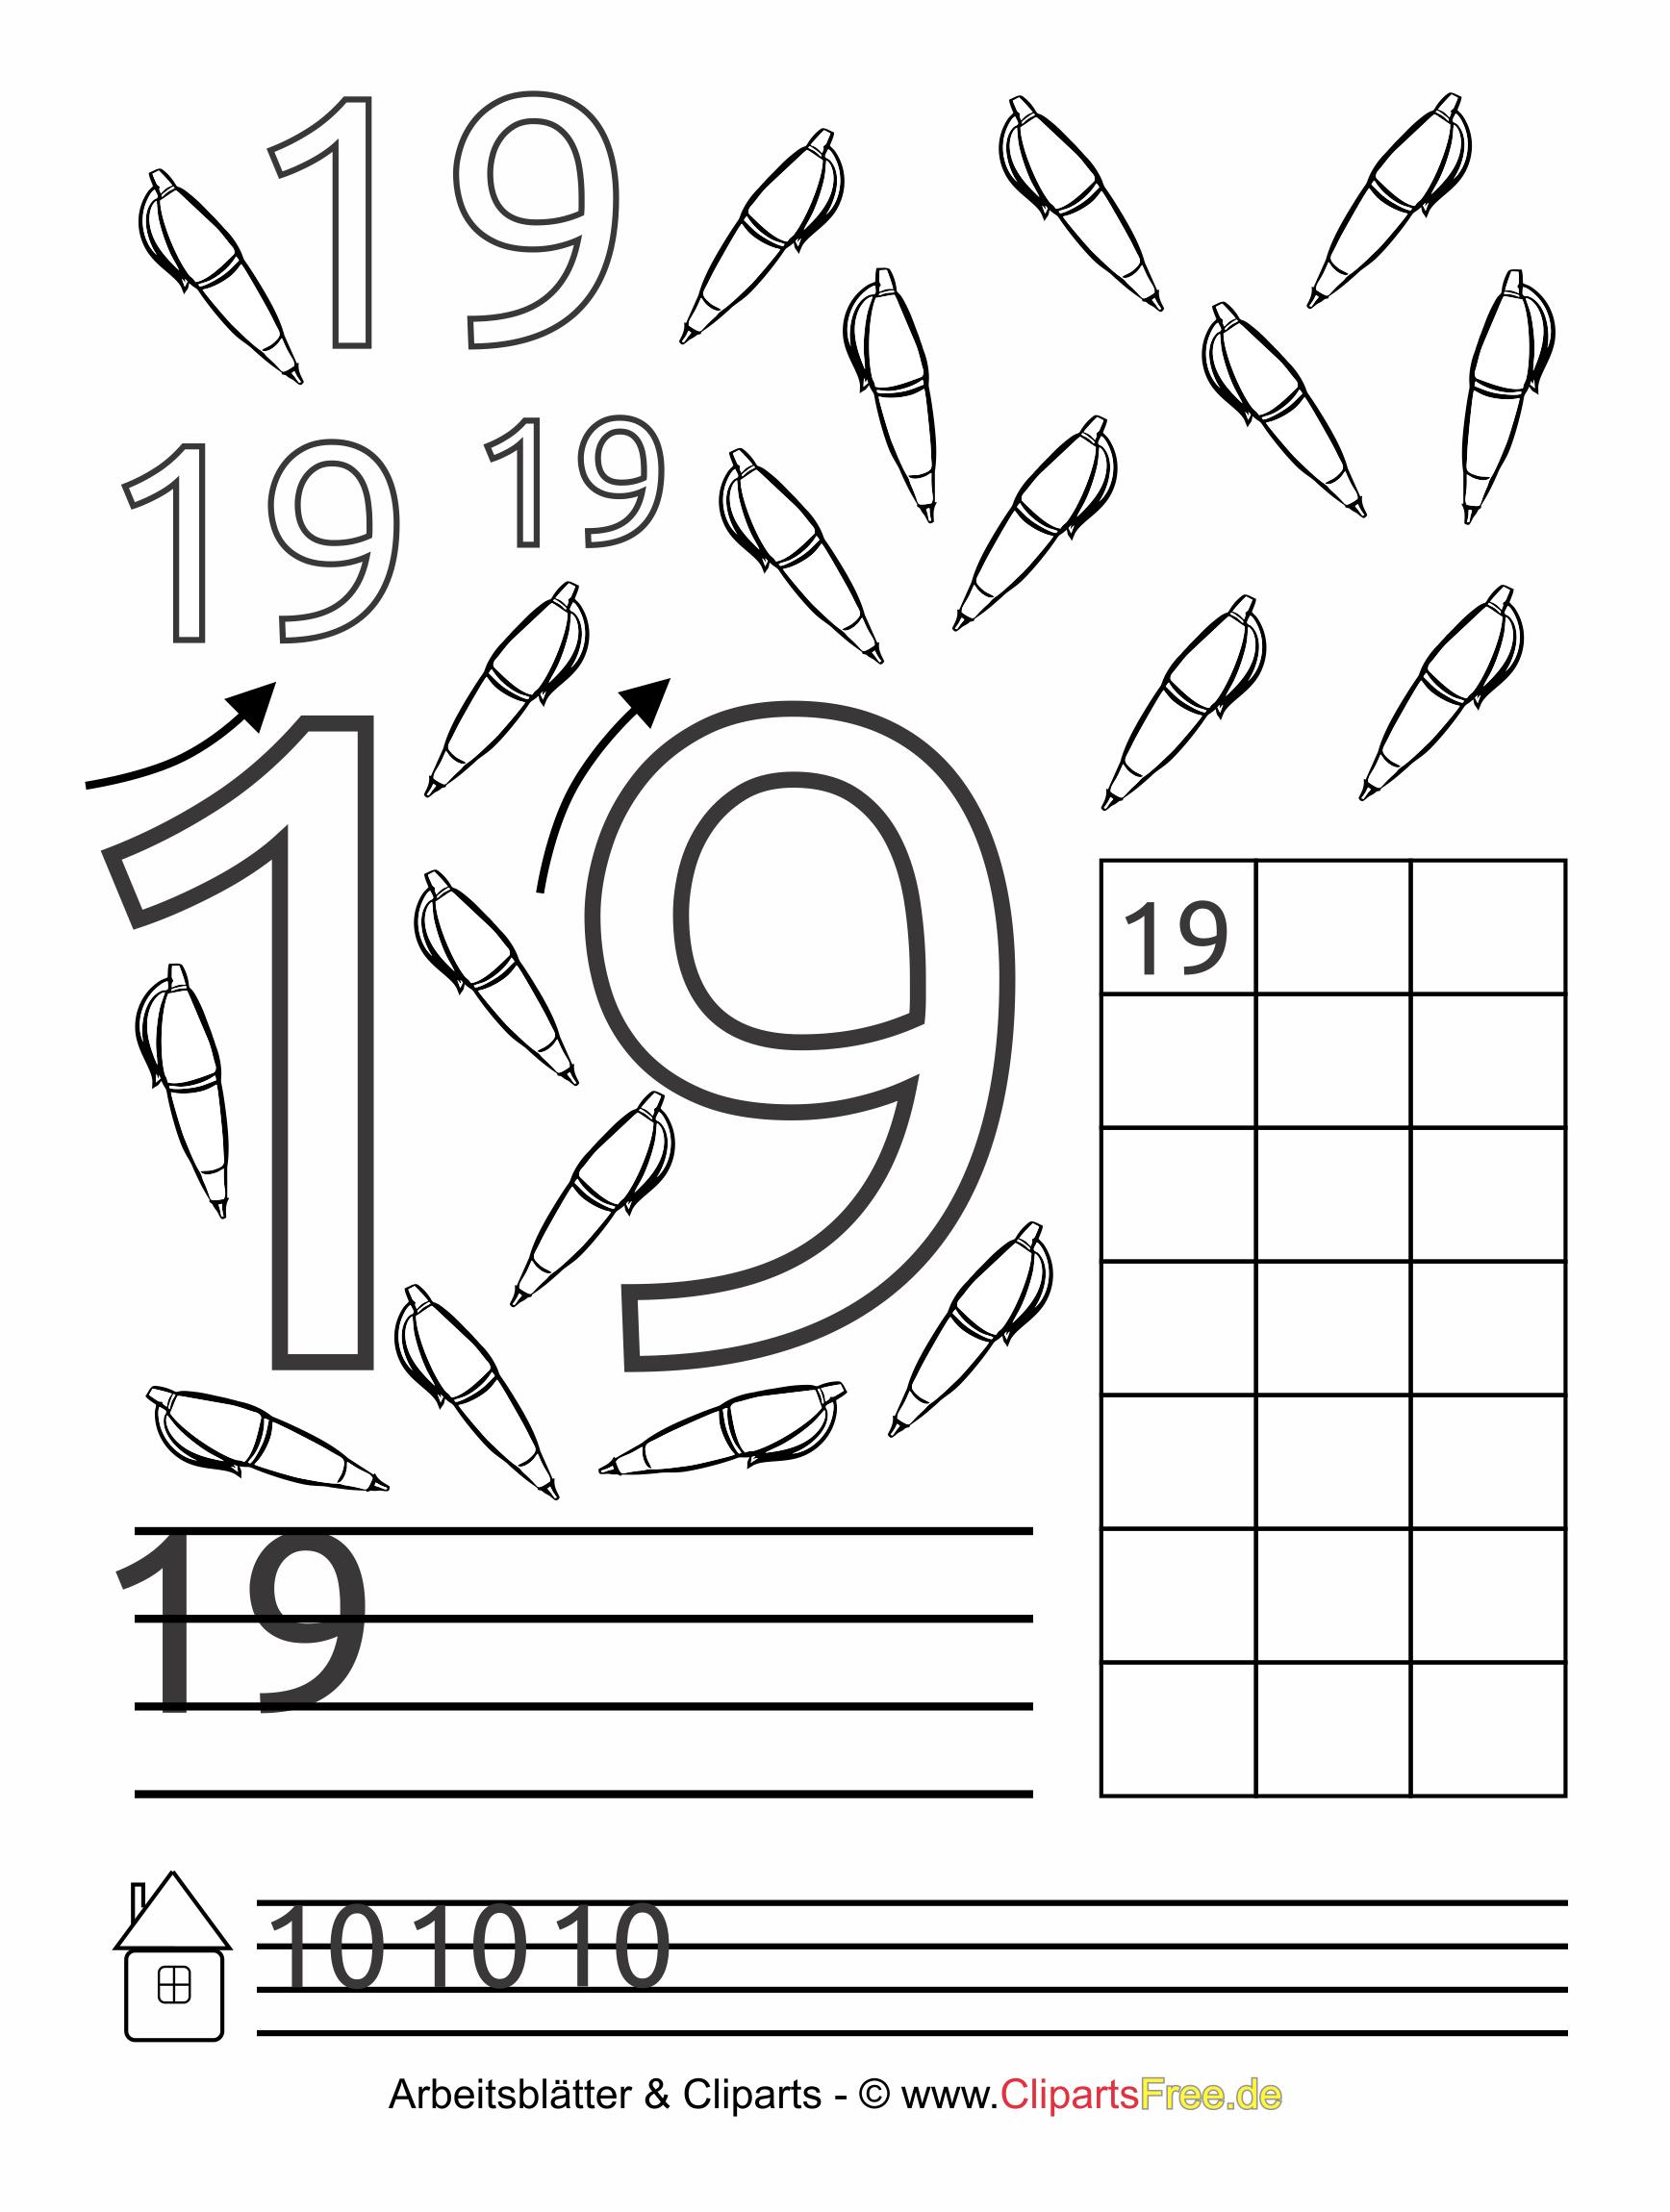 19 - Lernvorlage Zahlen lernen zum Drucken